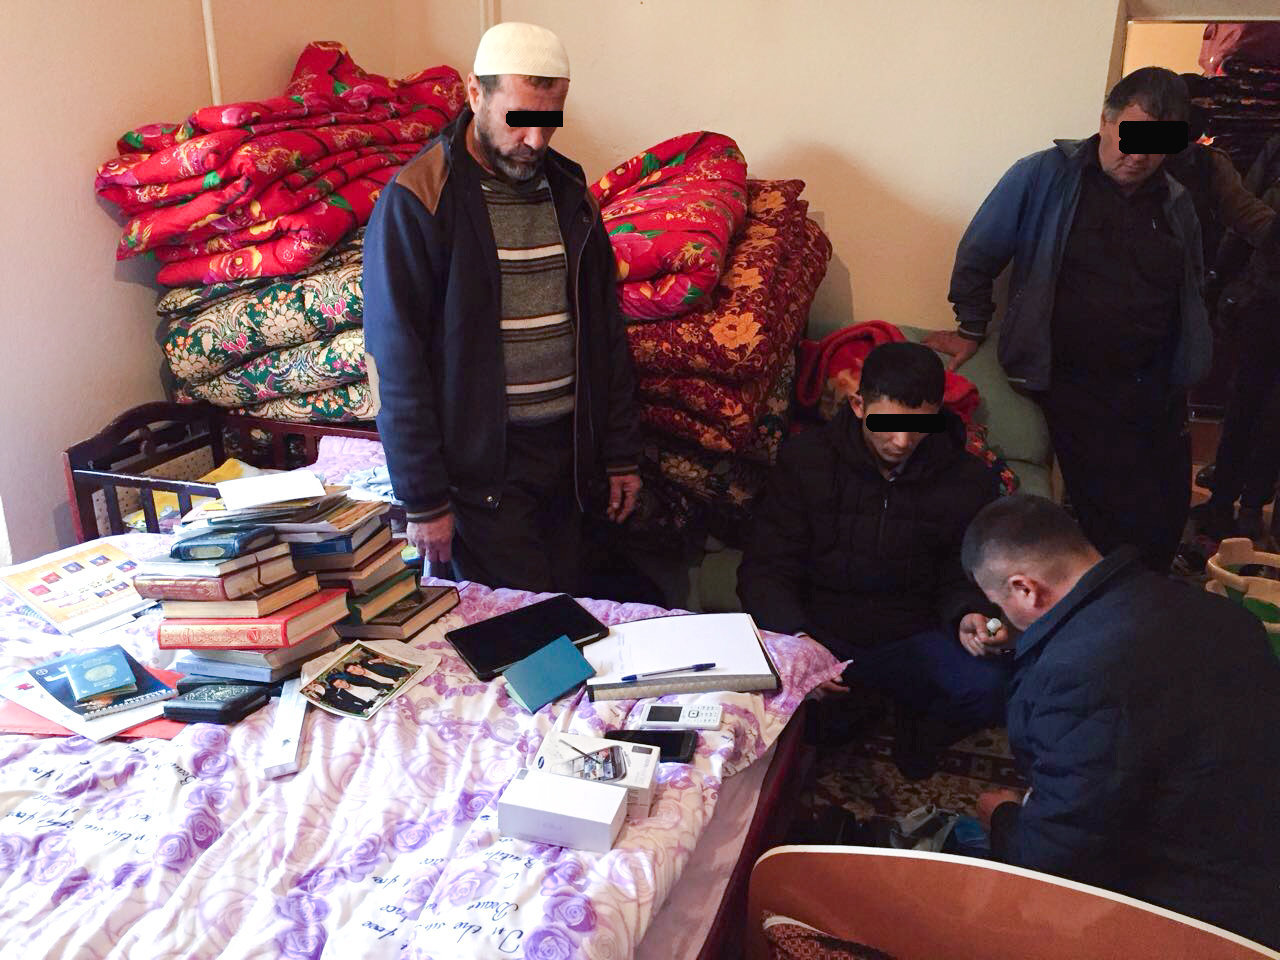 ОҚО-да терроризмді насихаттап, діни алауыздық тудырды деген күдікпен 11 адам ұсталды